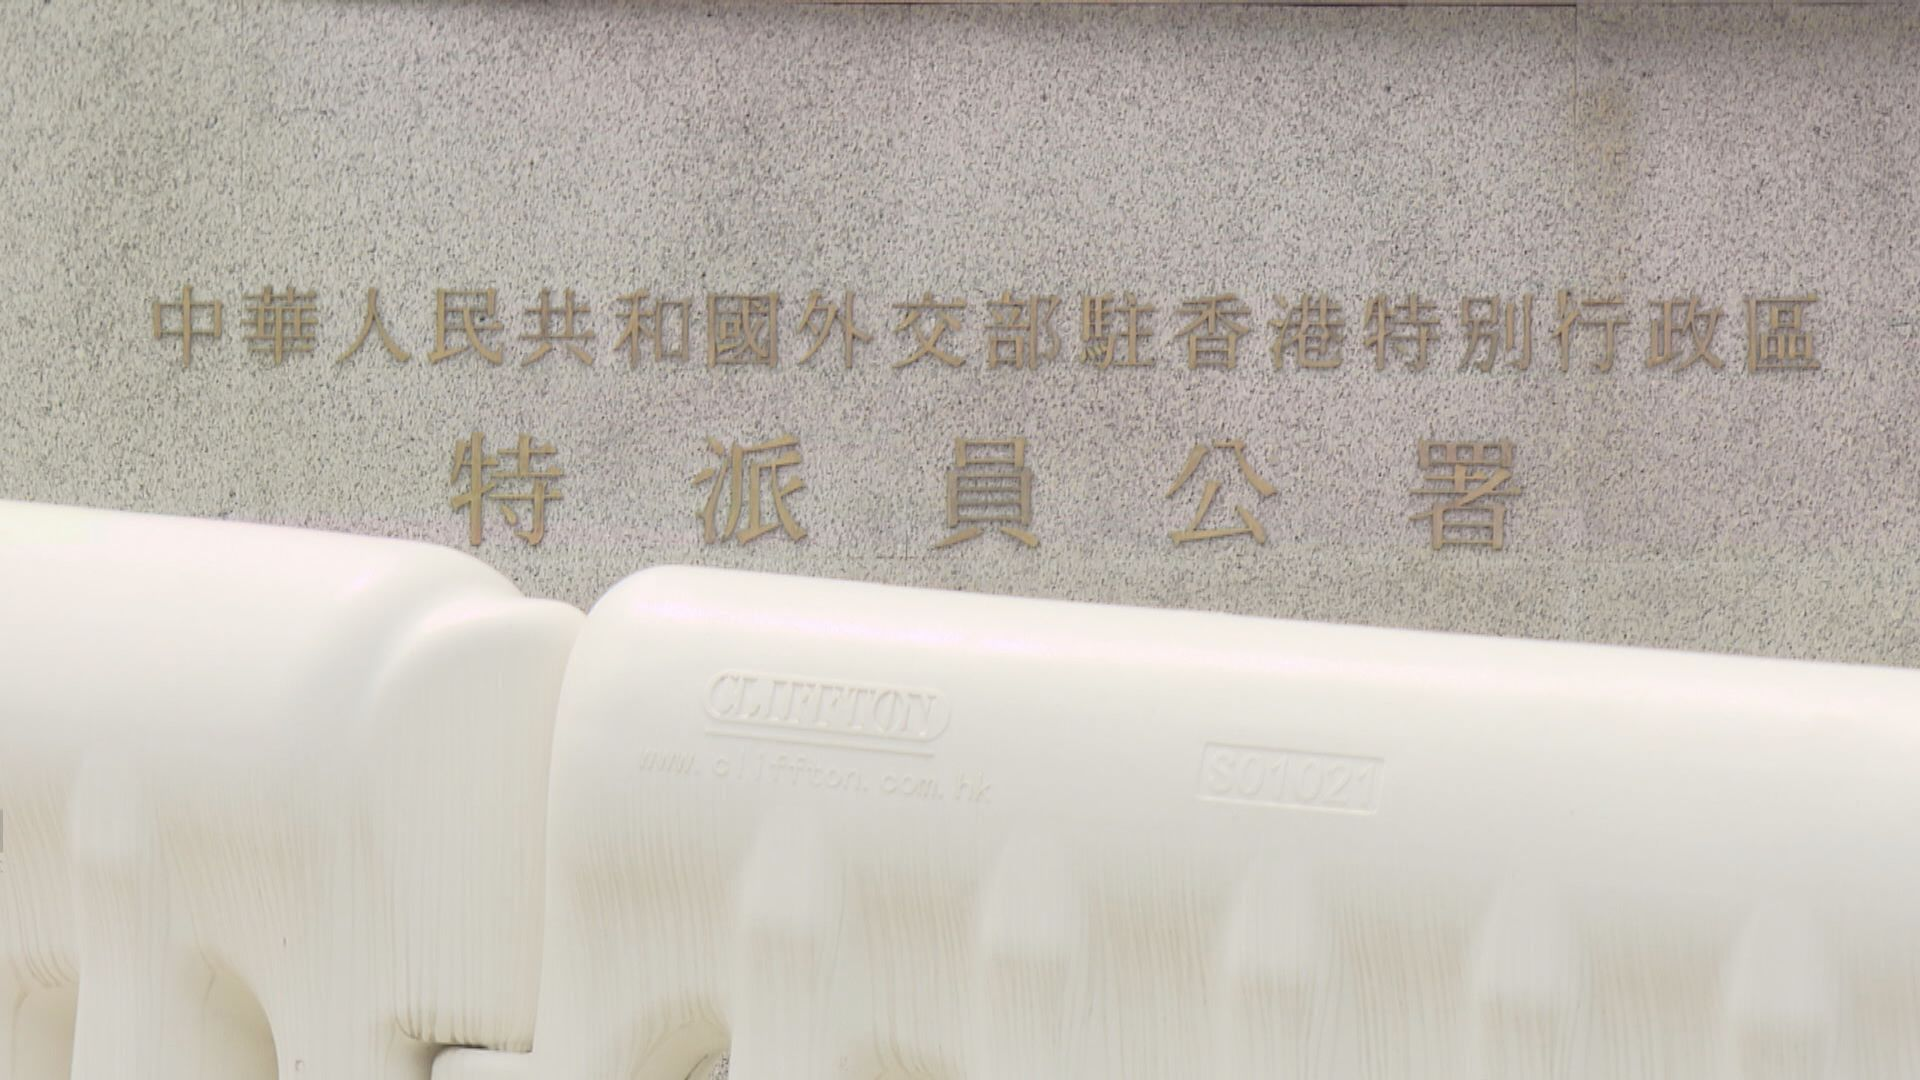 英國批評支聯會四人被捕  特派員公署促停干涉香港事務